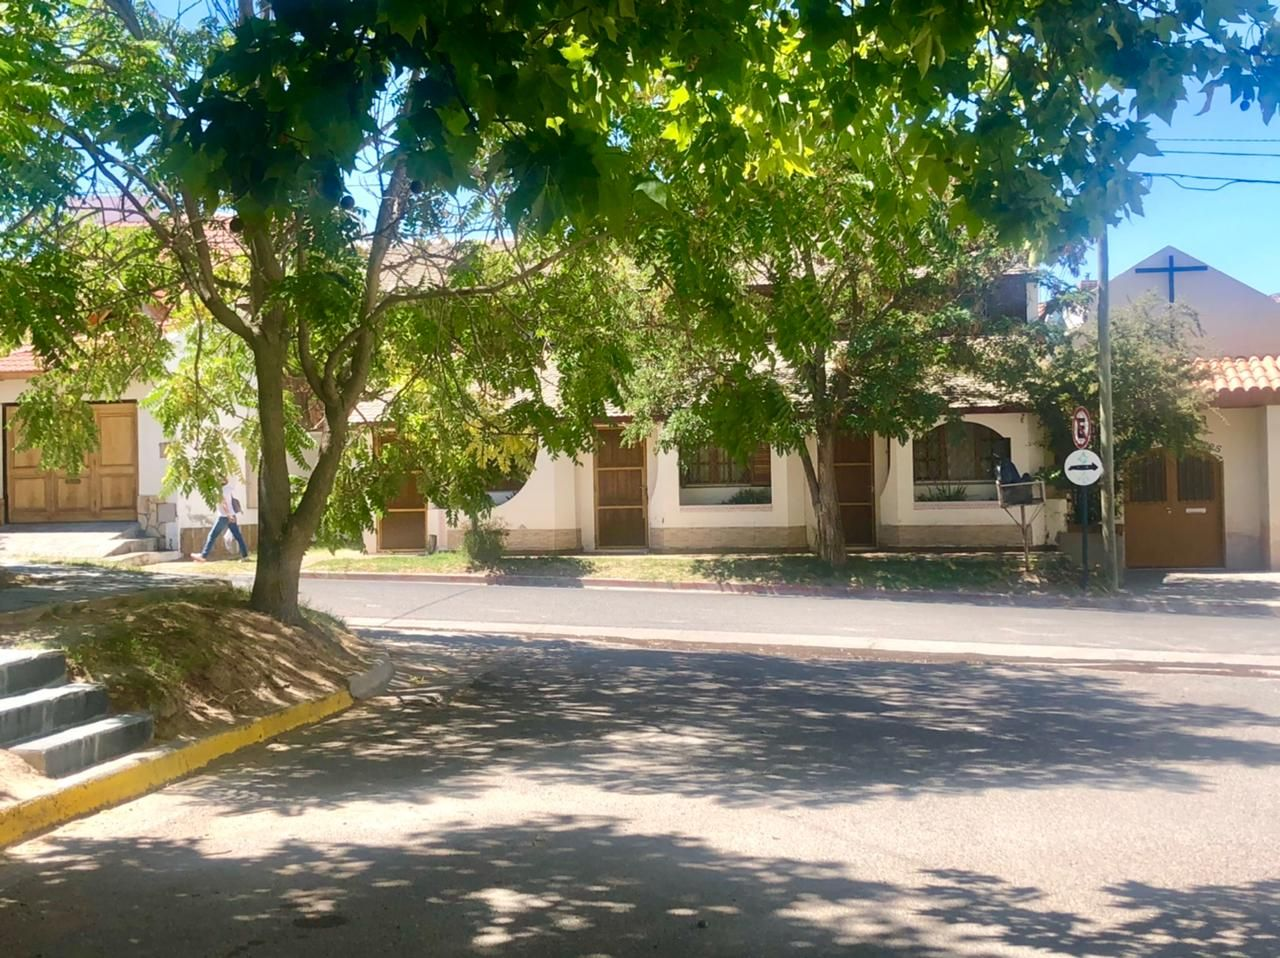 Lote en Neuquén, Area Centro Este | VIF894 | Viñuela & Ferracioli Servicios Inmobiliarios